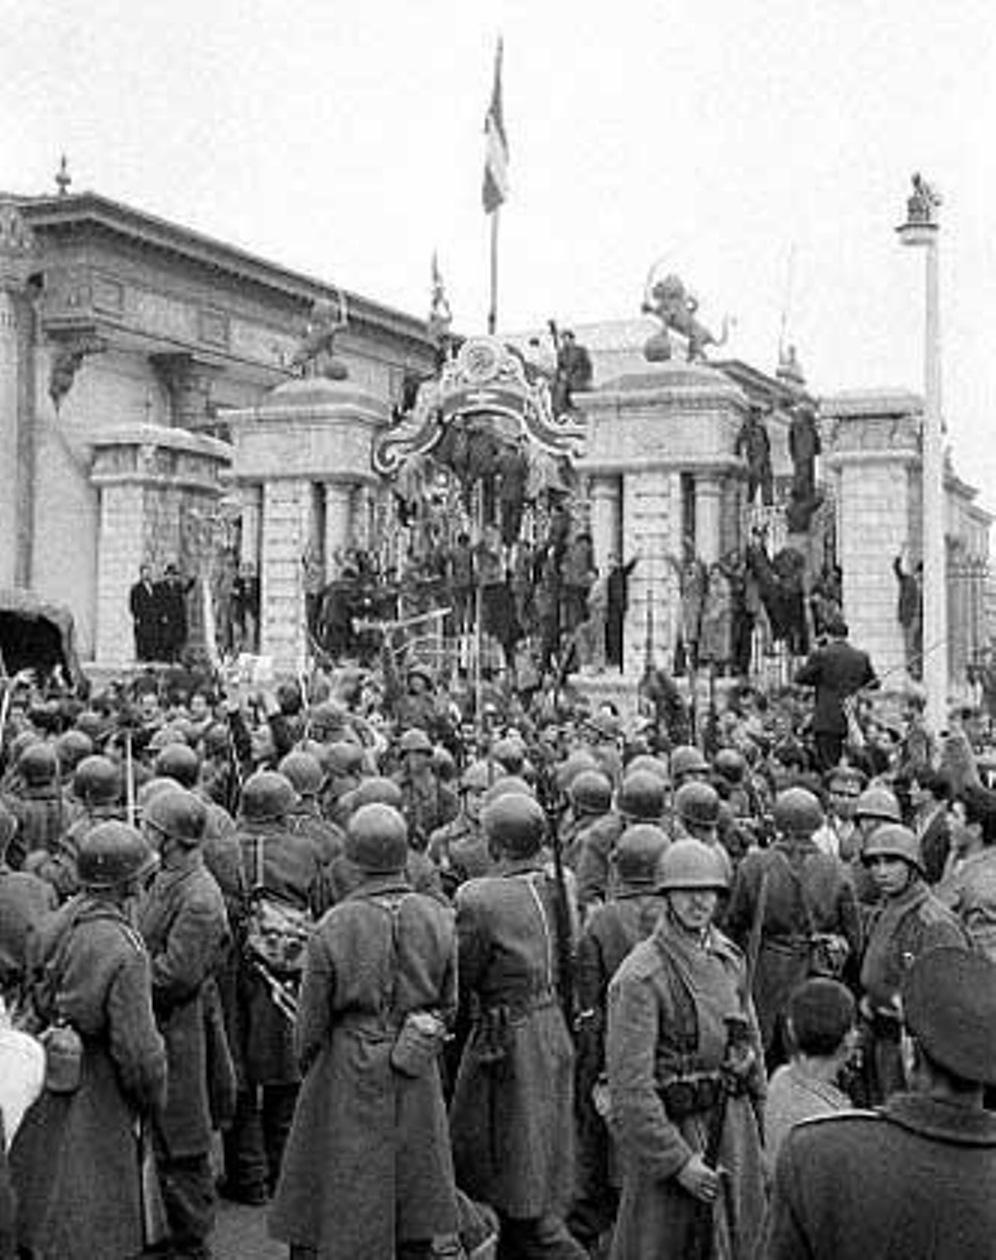 Soldados iraníes rodean el Parlamento en Teherán durante el Golpe de Estado de 1953. (CHN Archives of Iran's Cultural Heritage Organization).